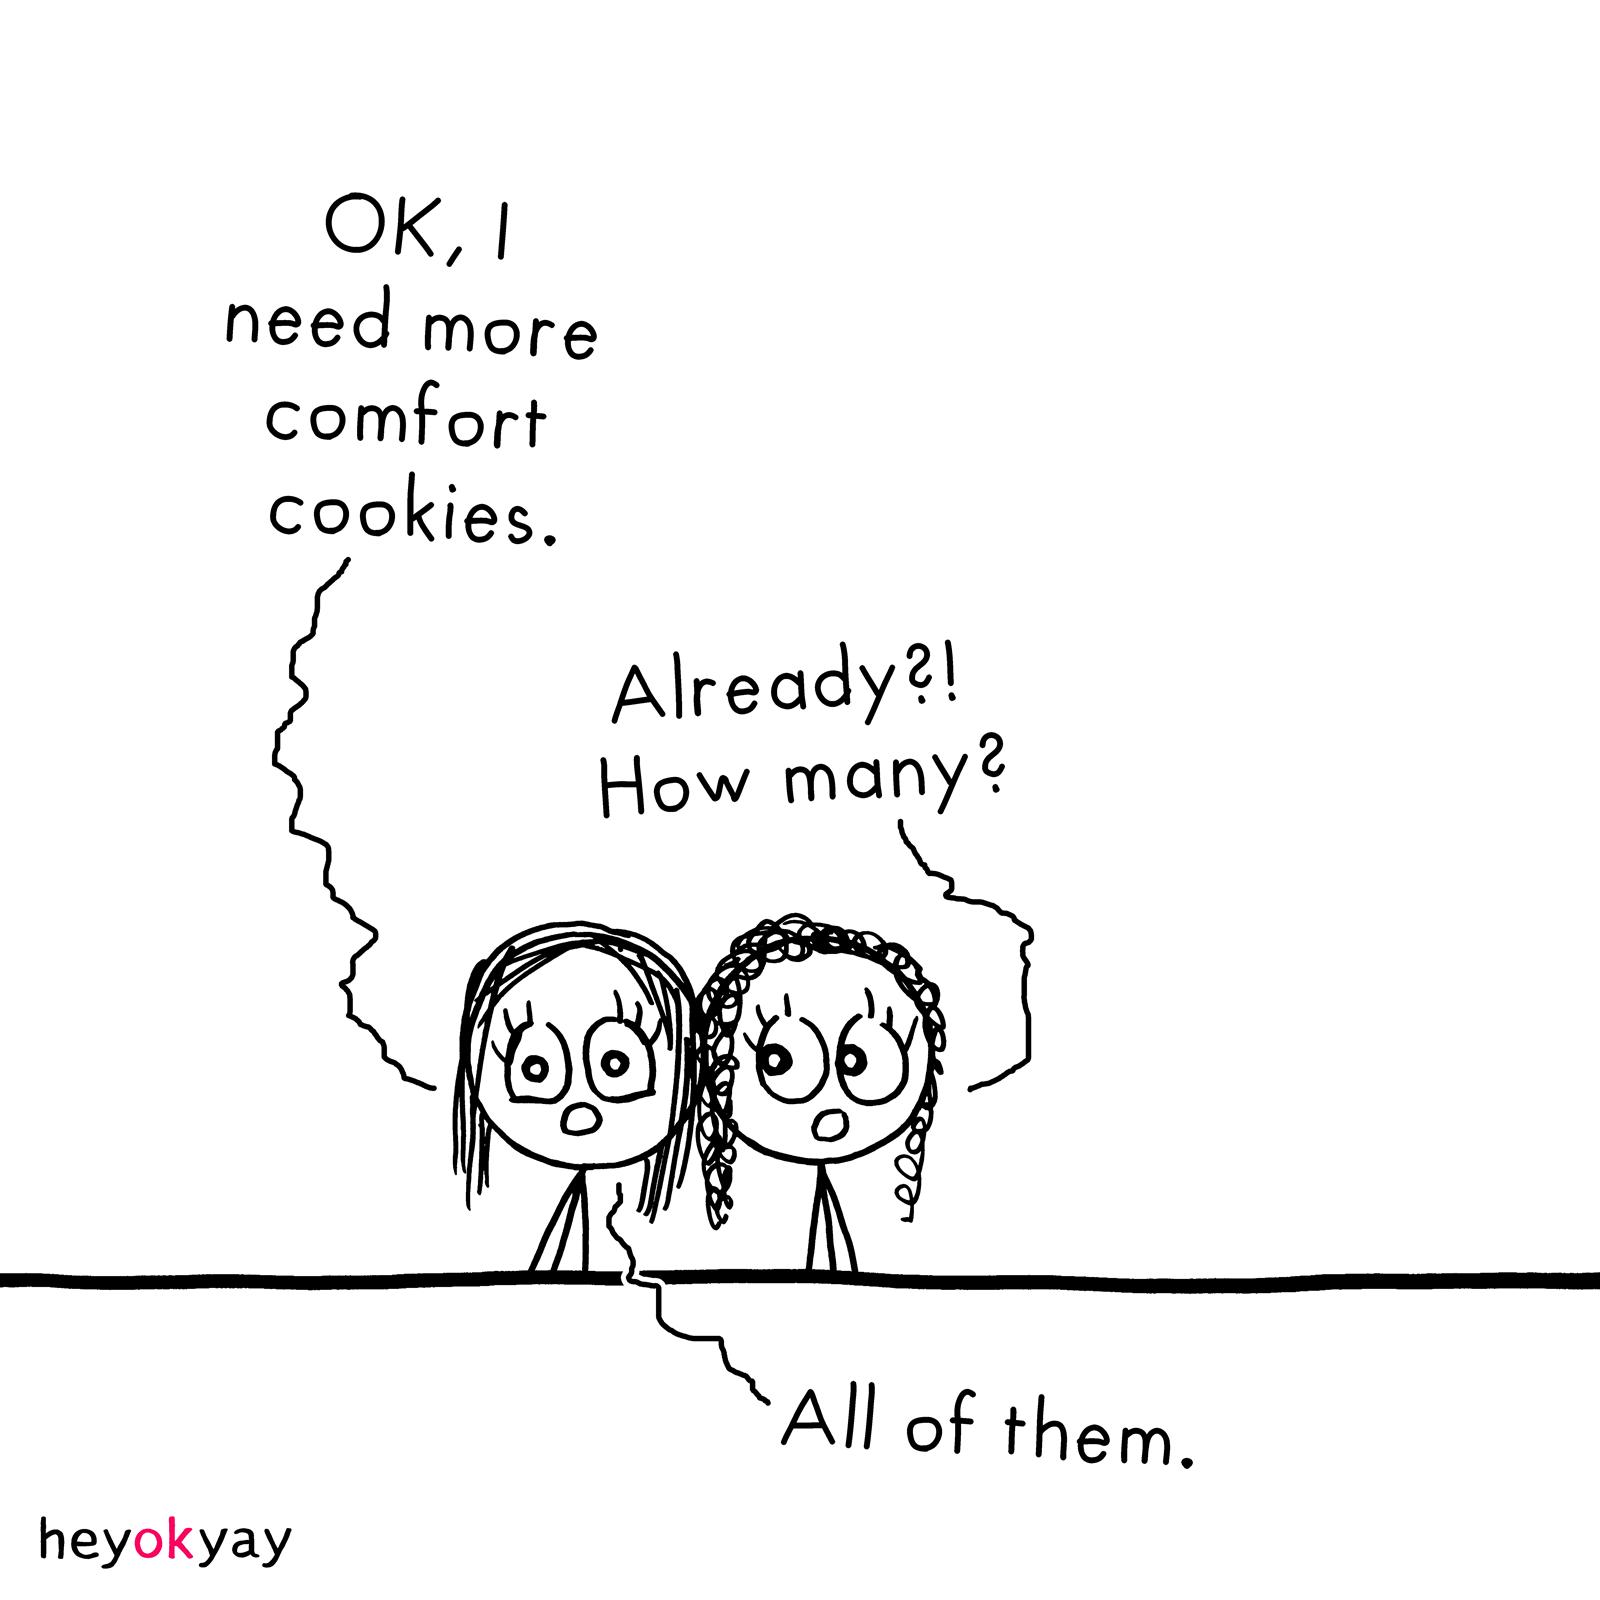 More Cookies heyokyay comic